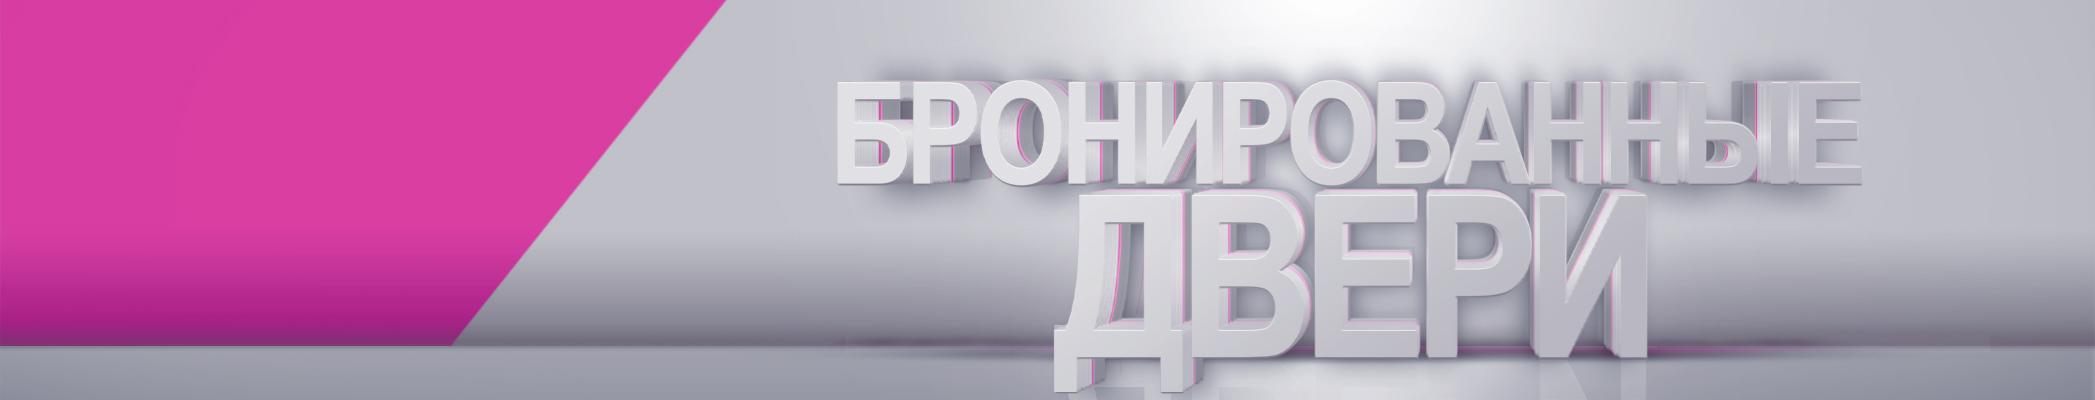 Евроокна - Бронированные двери